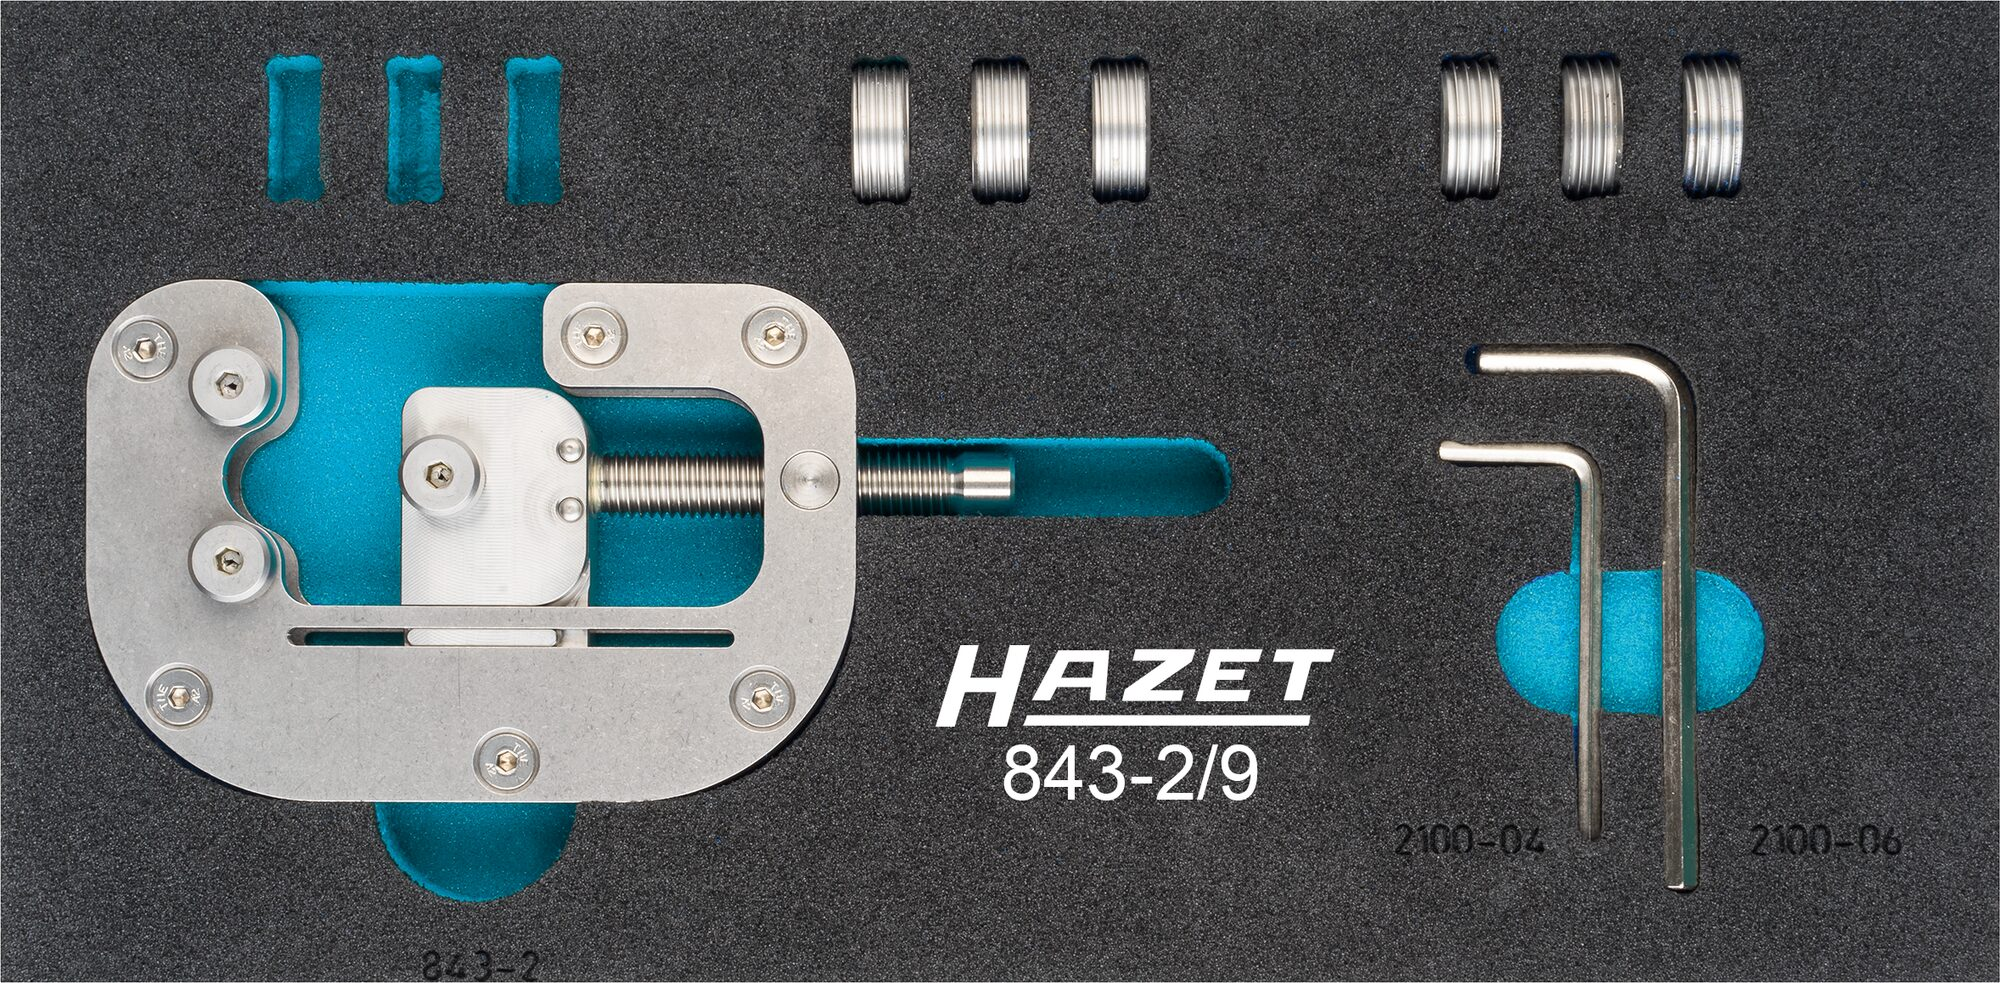 HAZET Gewinderoll Satz 843-2/9 ∙ Anzahl Werkzeuge: 9